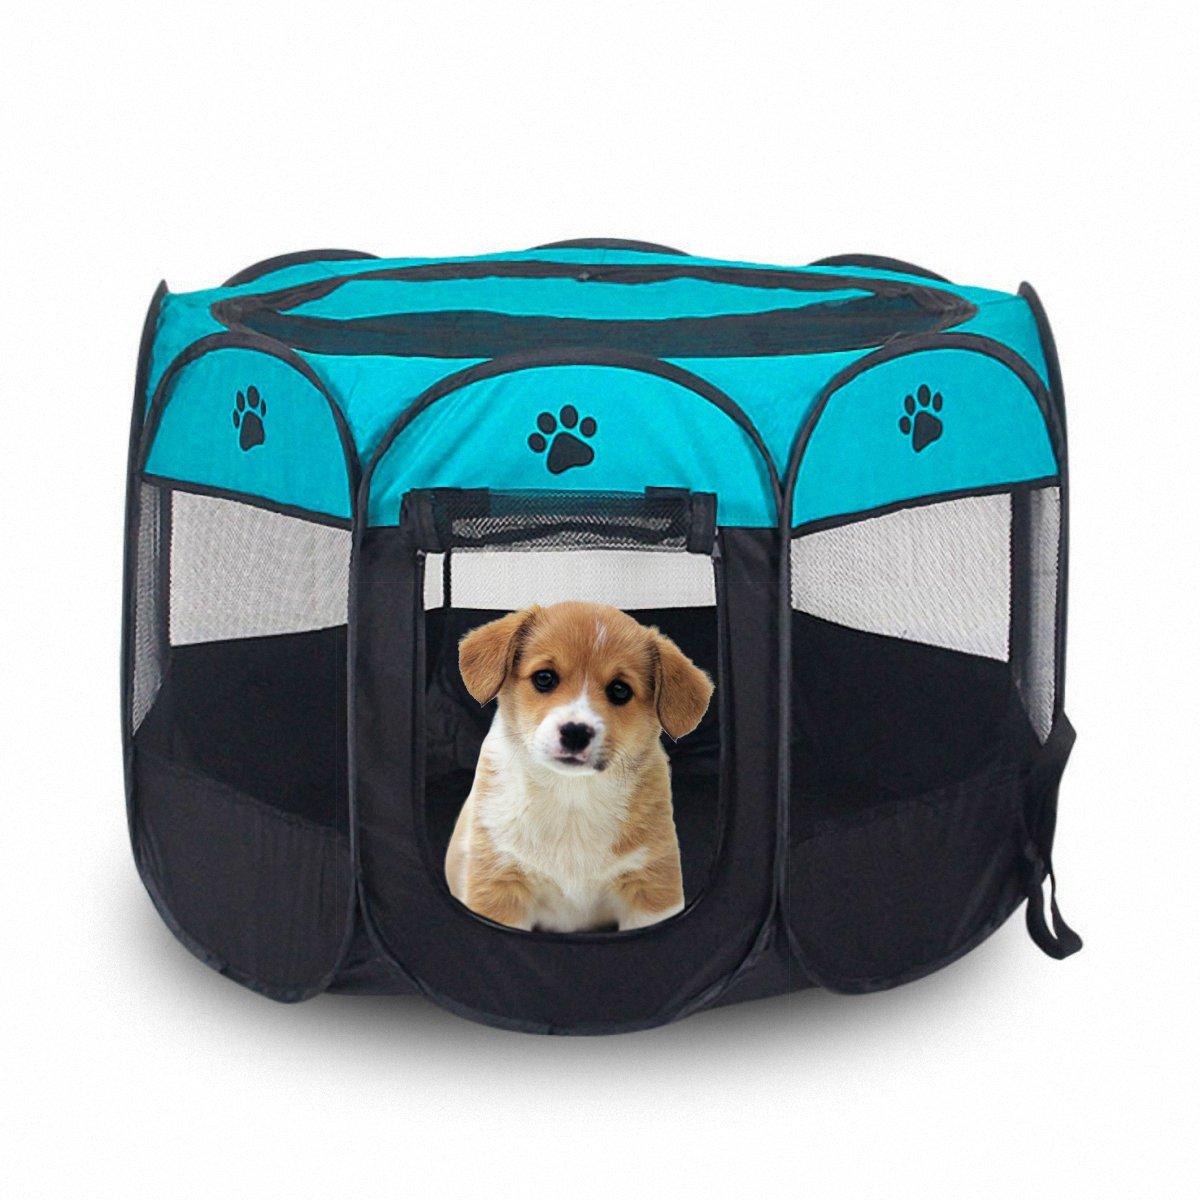 MiLuck Pet Portable Foldable Playpen, Exercice 8-Panneau Kennel Mesh Shade Cover Intérieur / extérieur Tente Clôture Pour Chiens Chats (L-Brown)